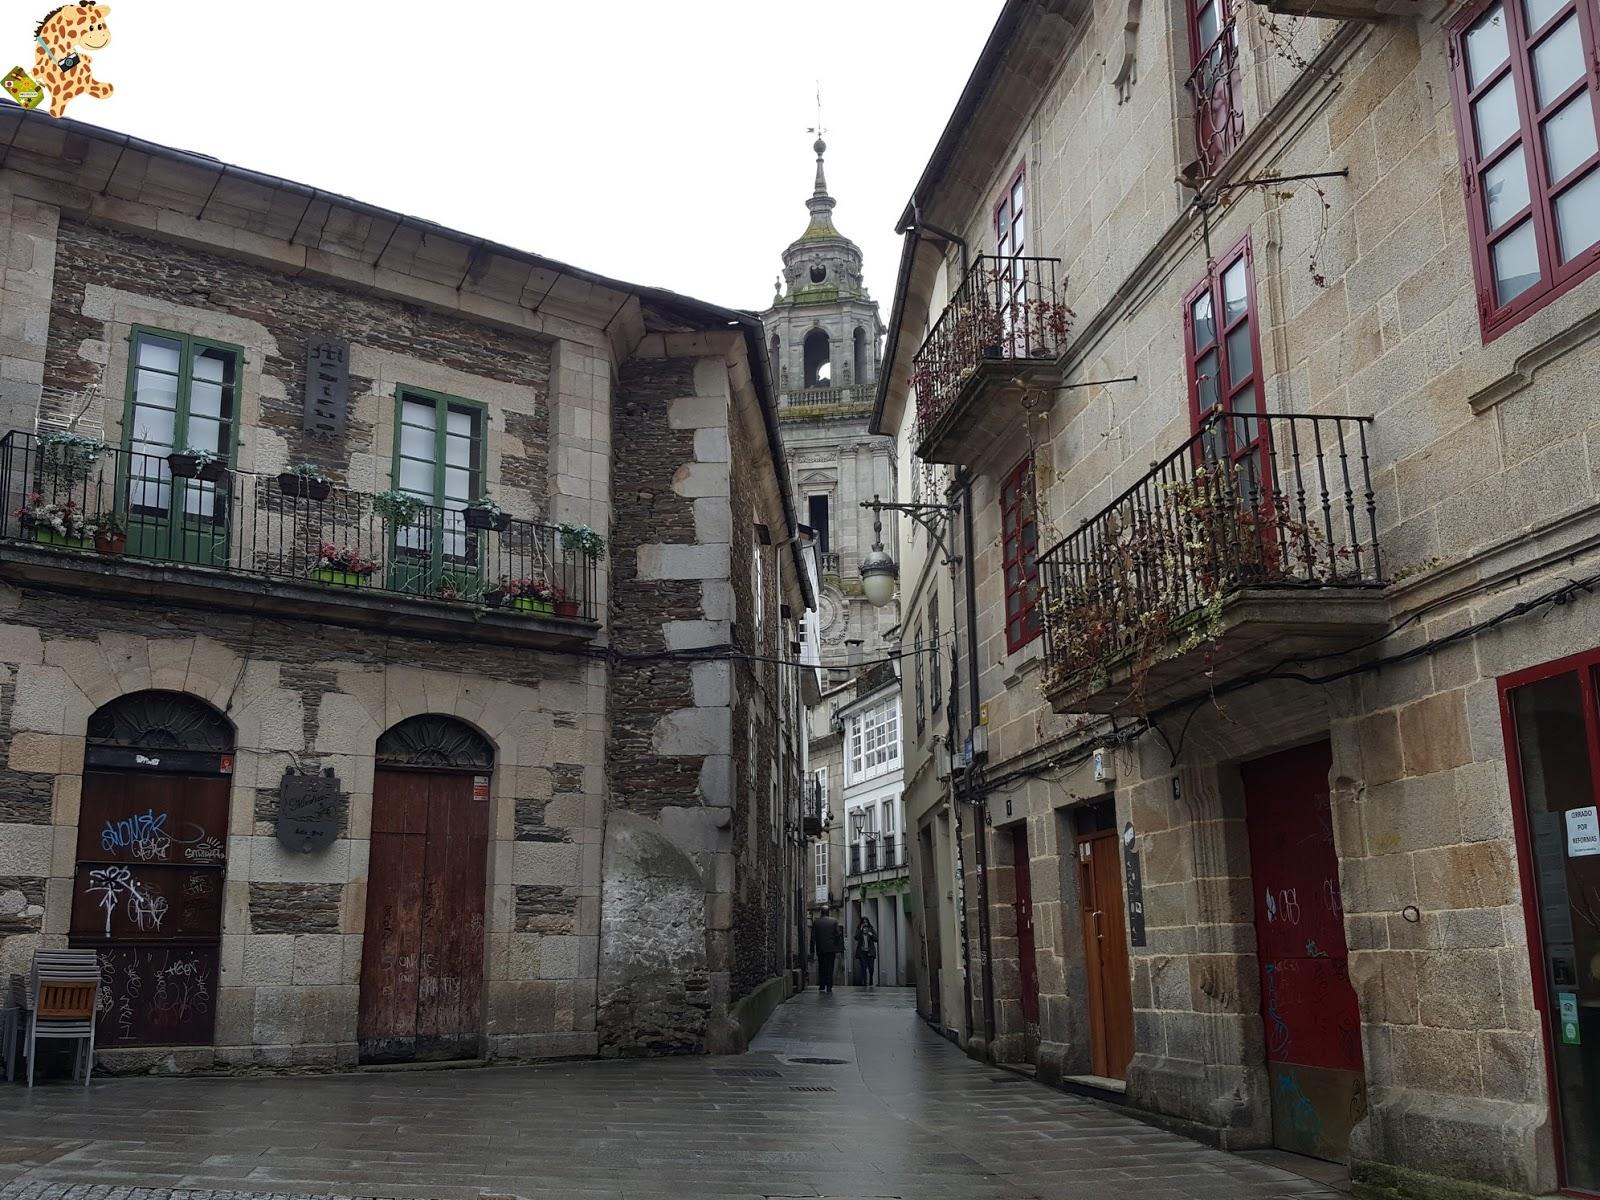 Lugo, la ciudad de la muralla: qué ver y qué hacer